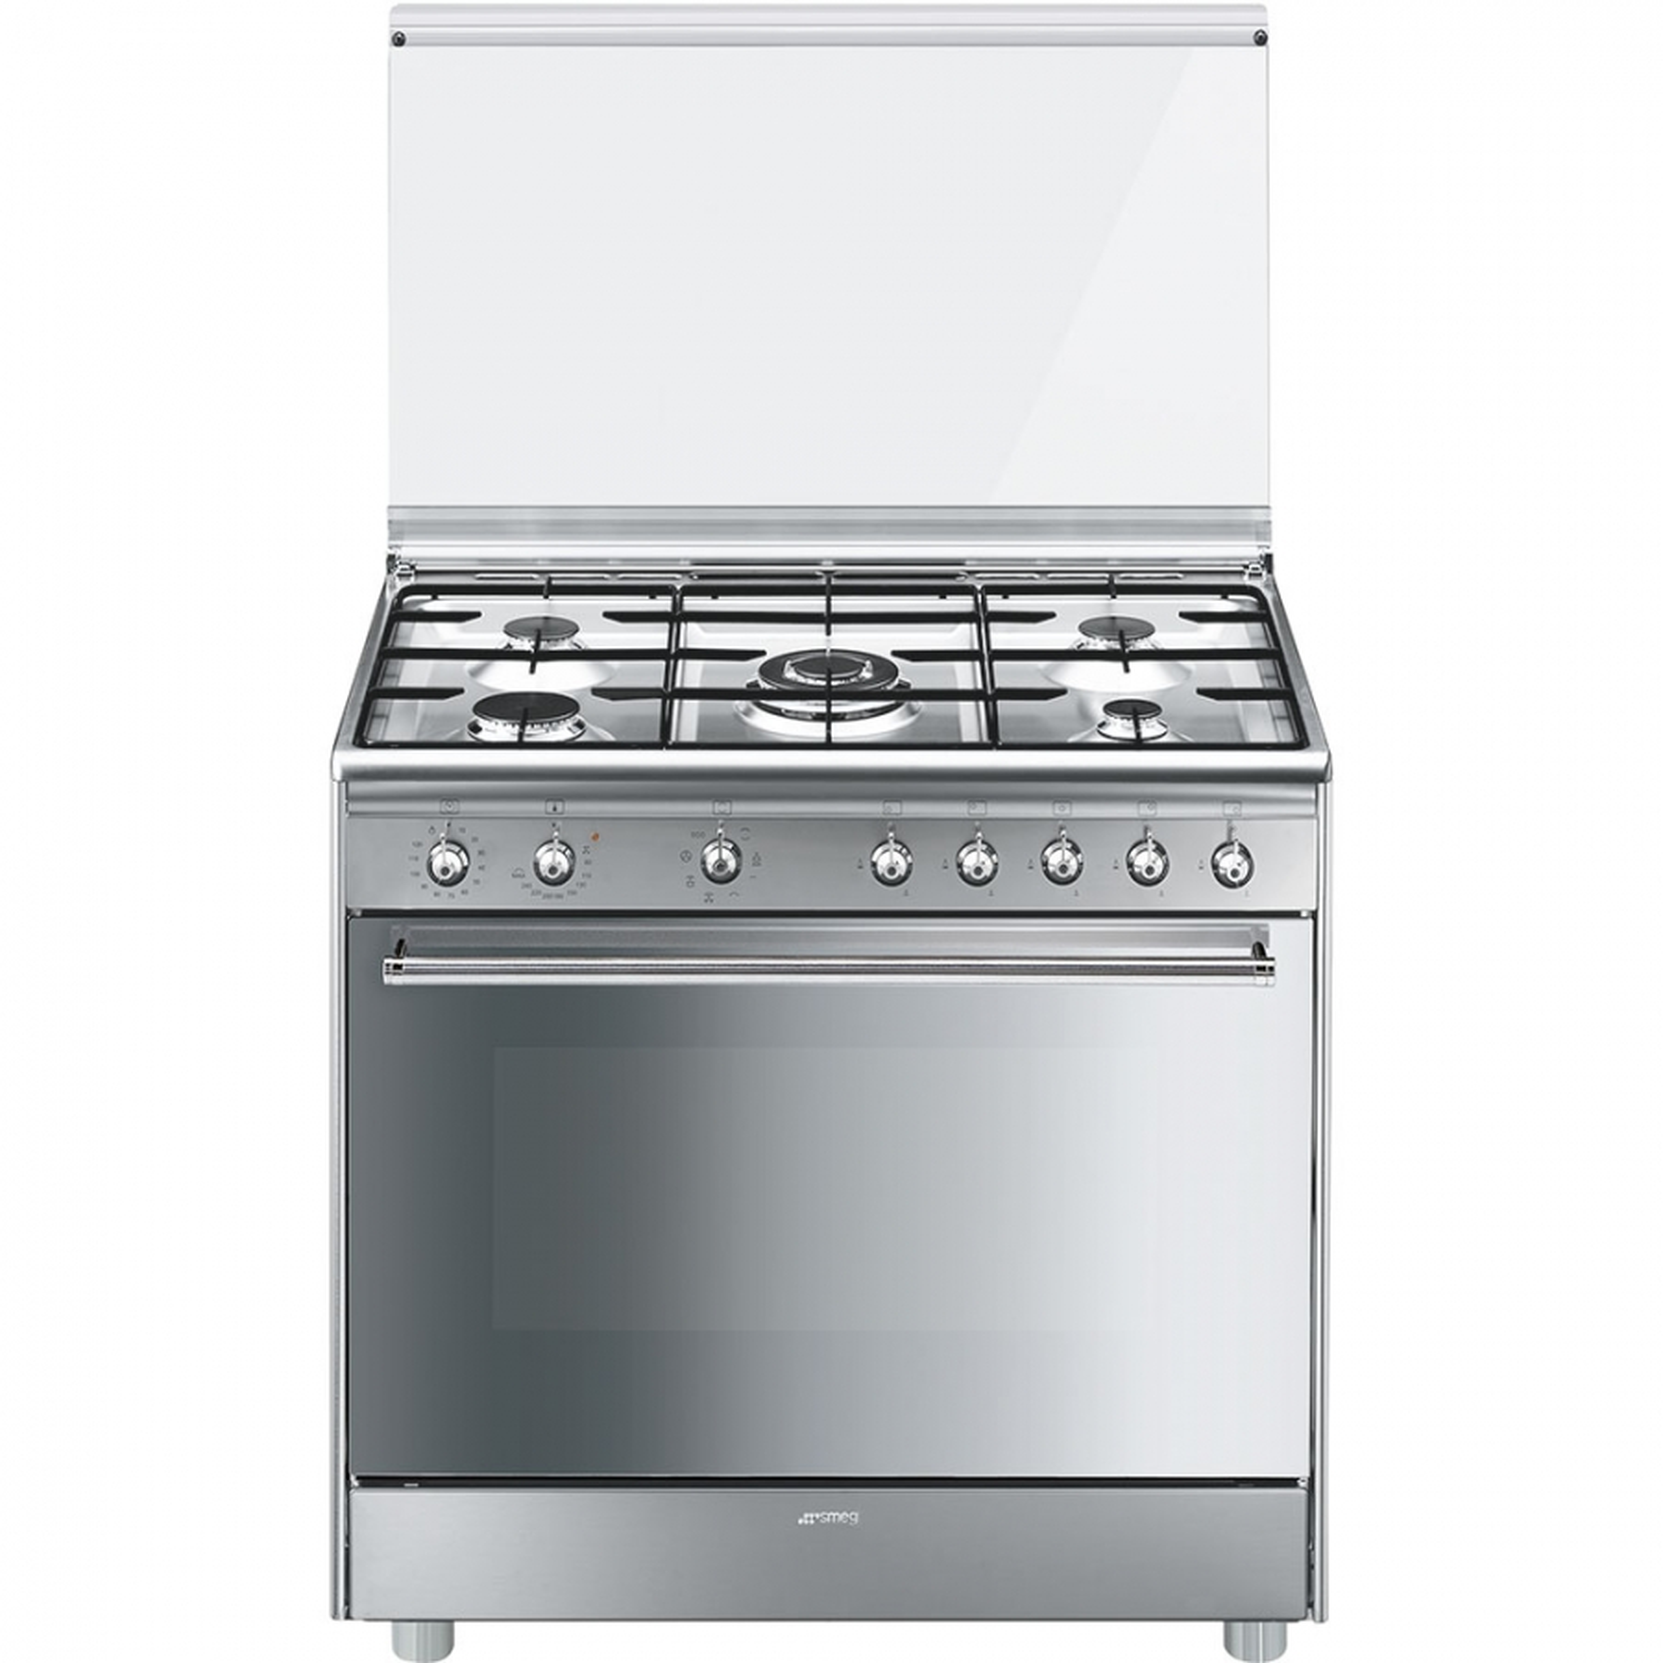 Cucina smeg sx91m9 inox forno elettrico ventilato 90 - Cucina a gas da 90 ...